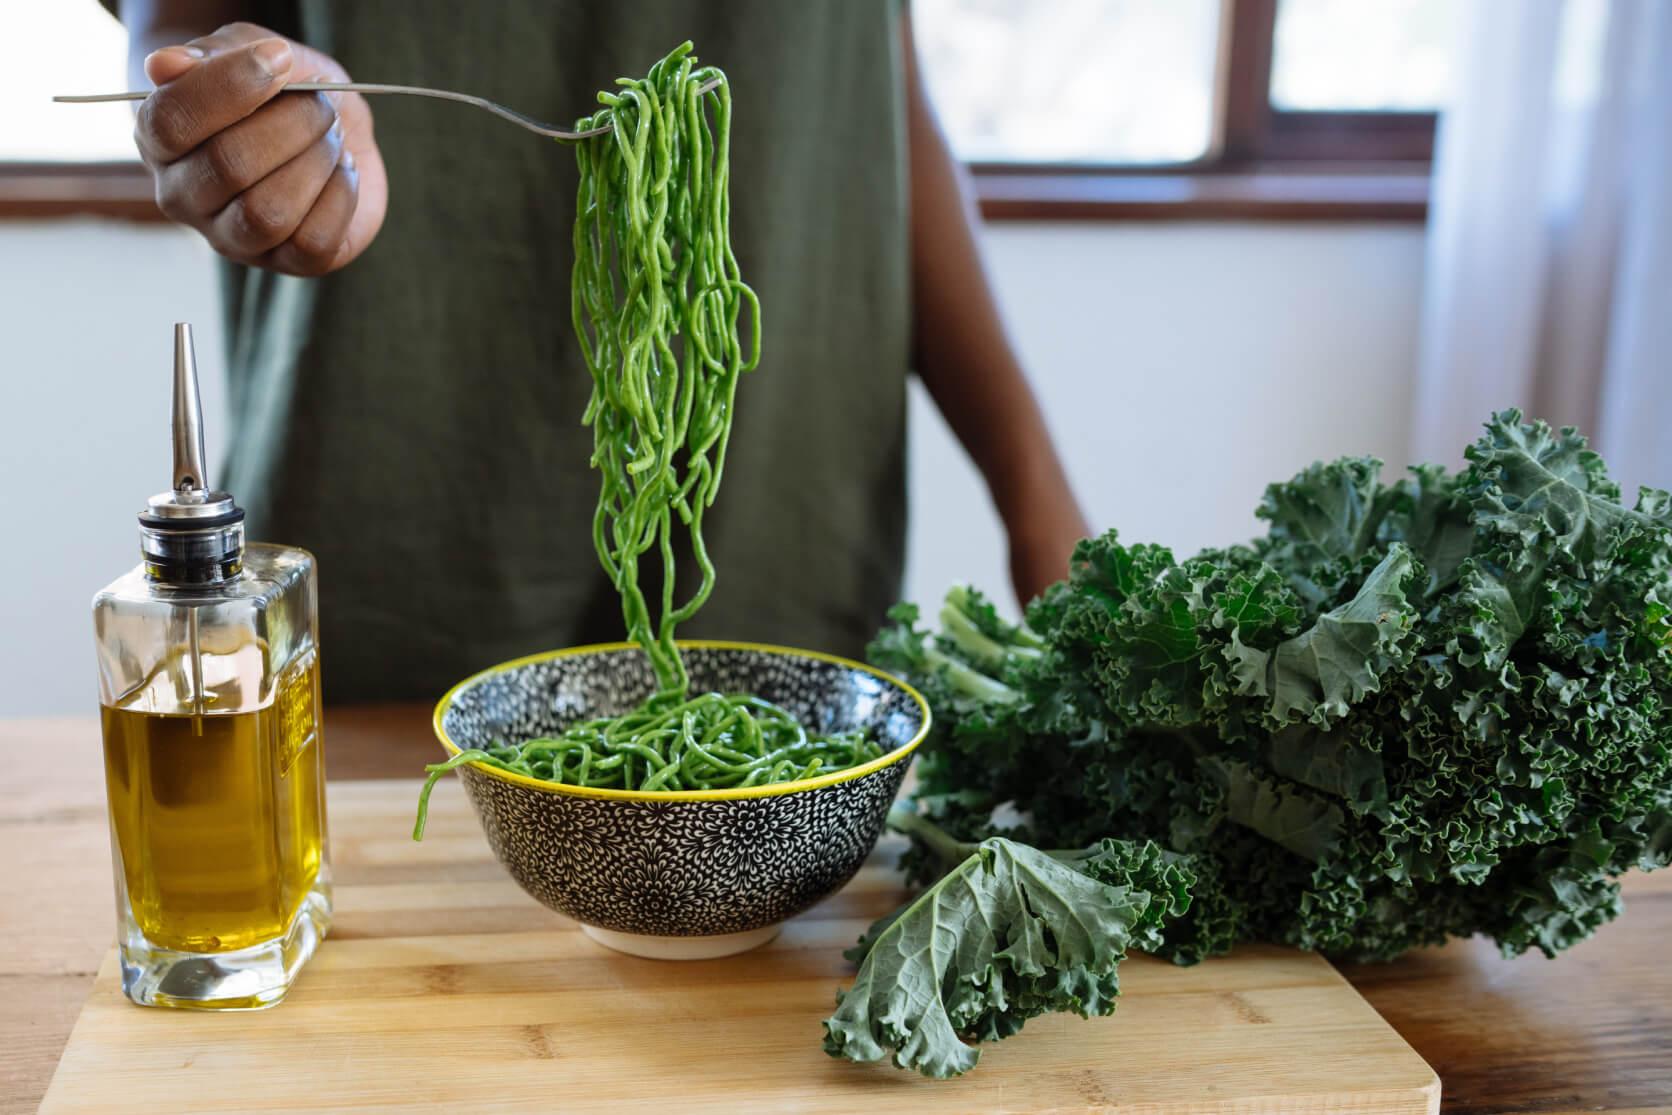 Degustare l'olio extra vergine da casa come un vero sommelier